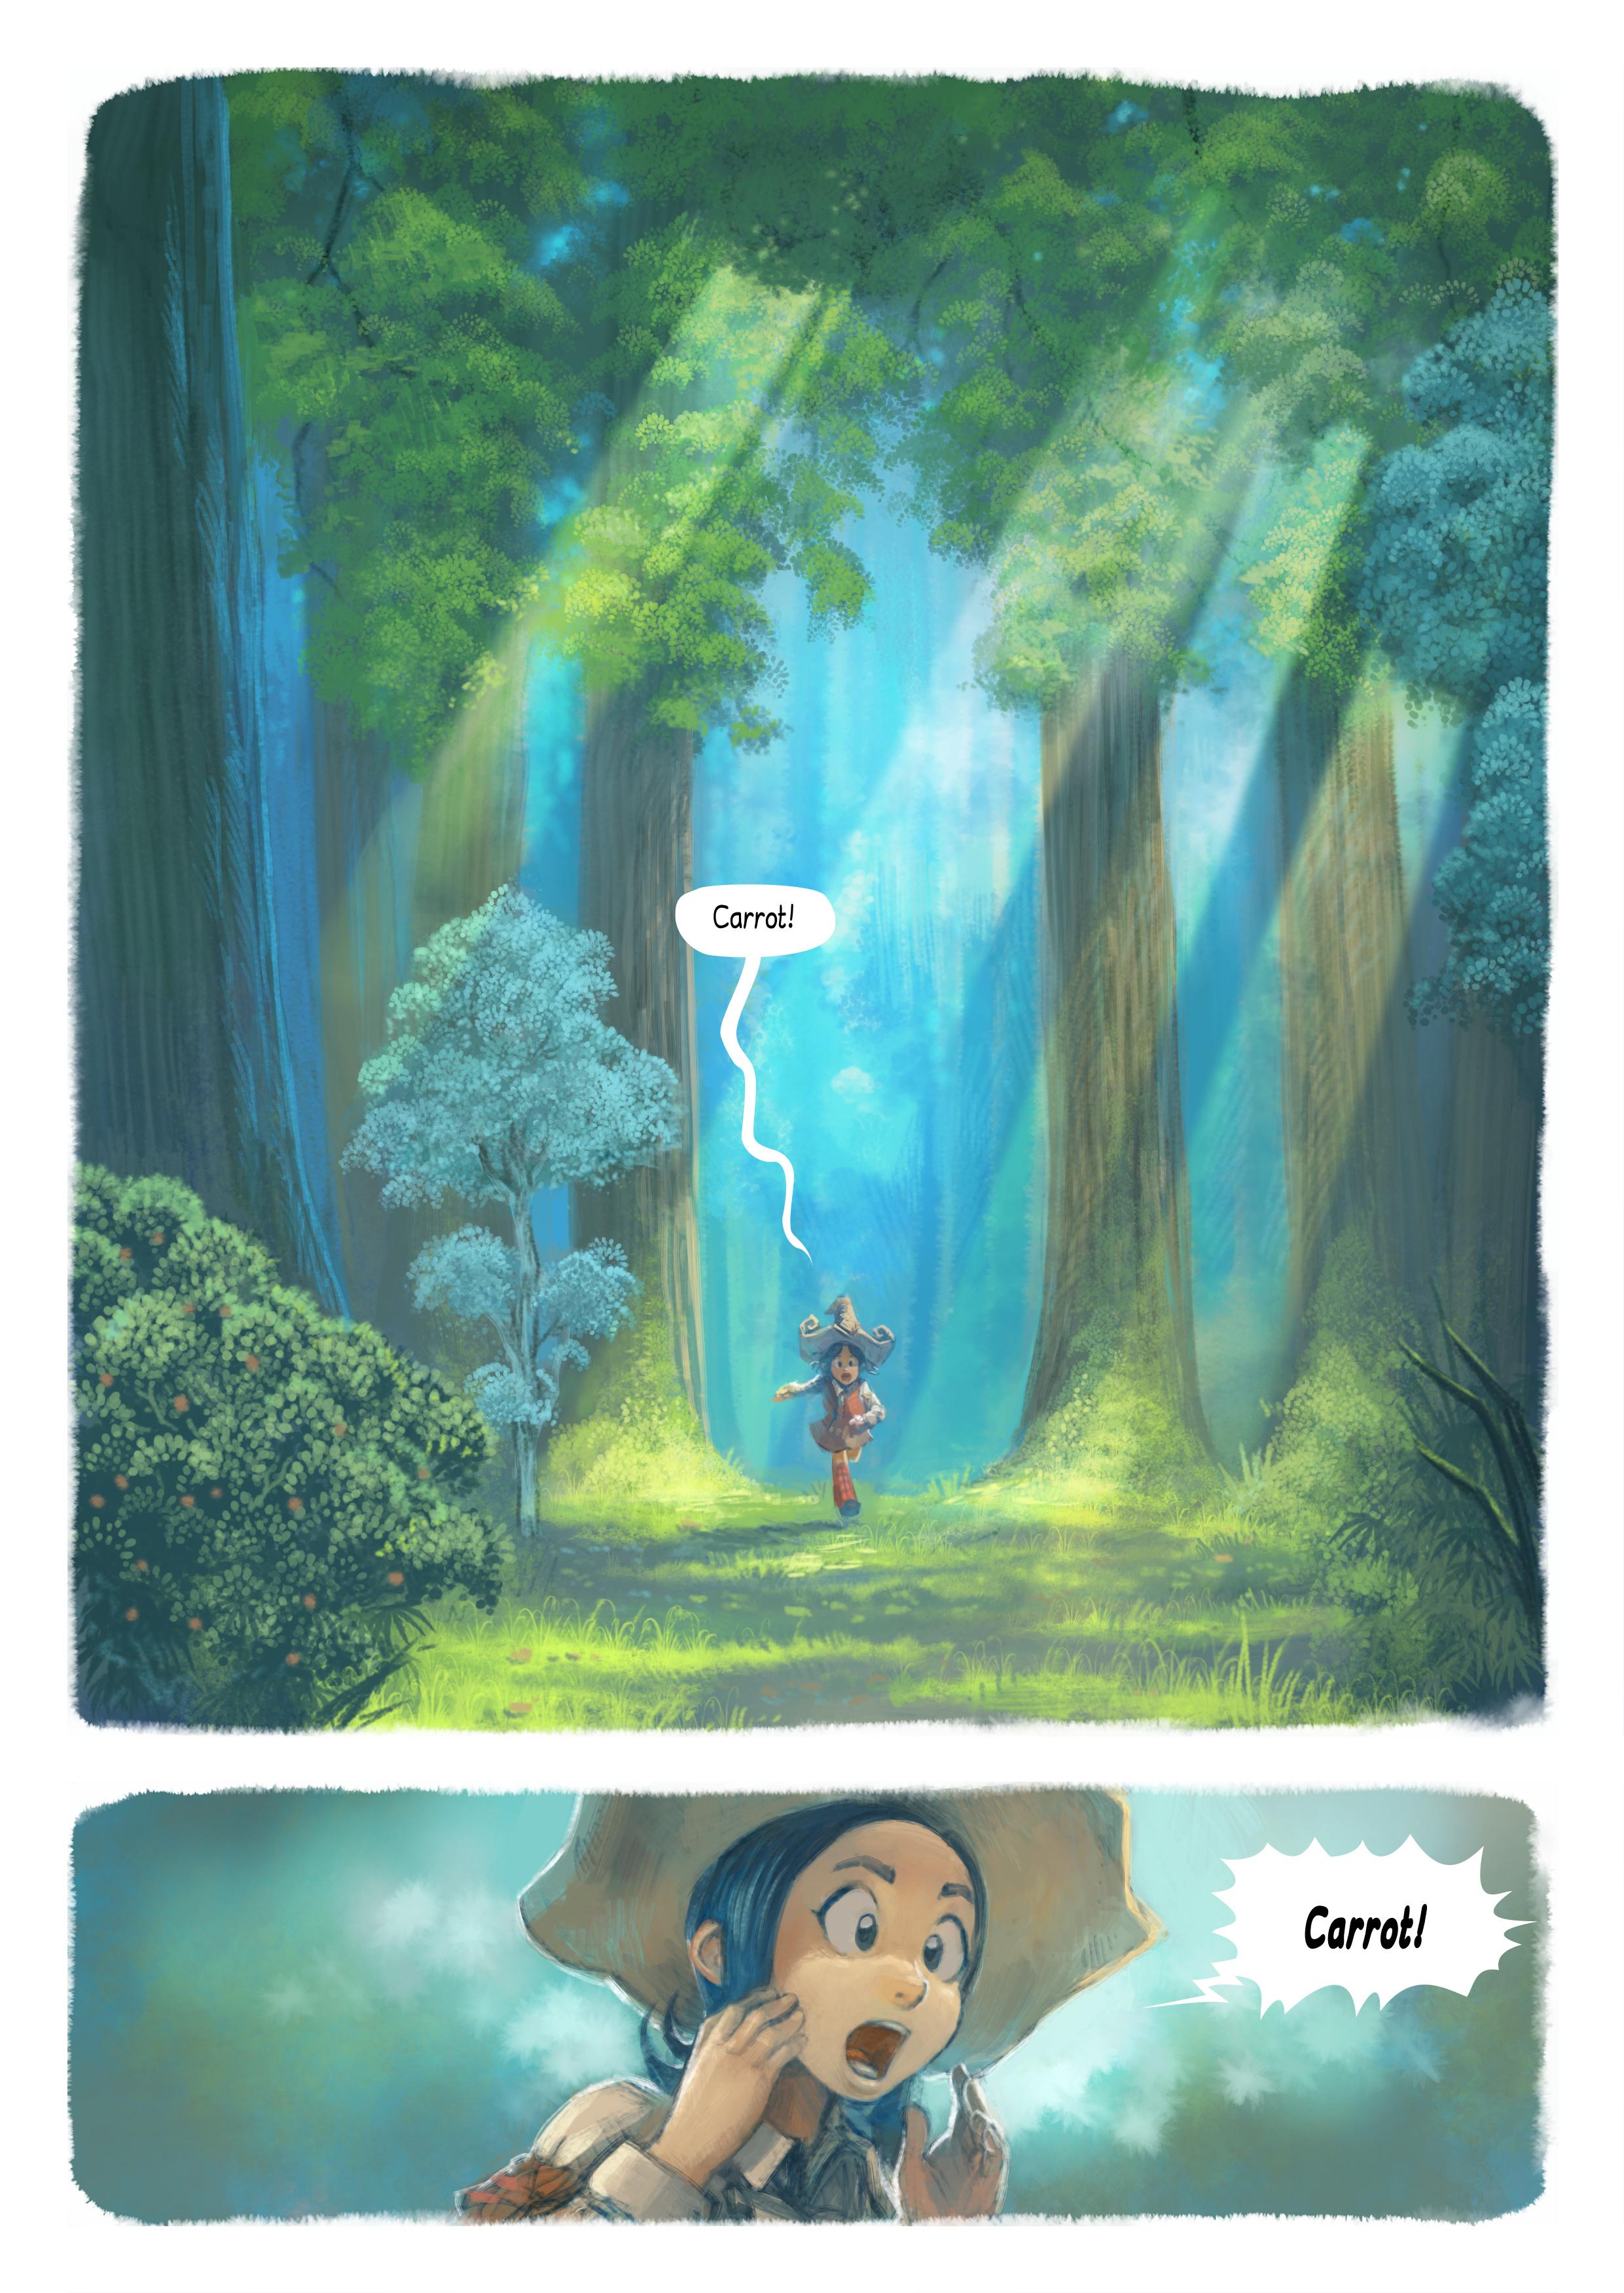 Odcinek 7: Życzenie, Page 1